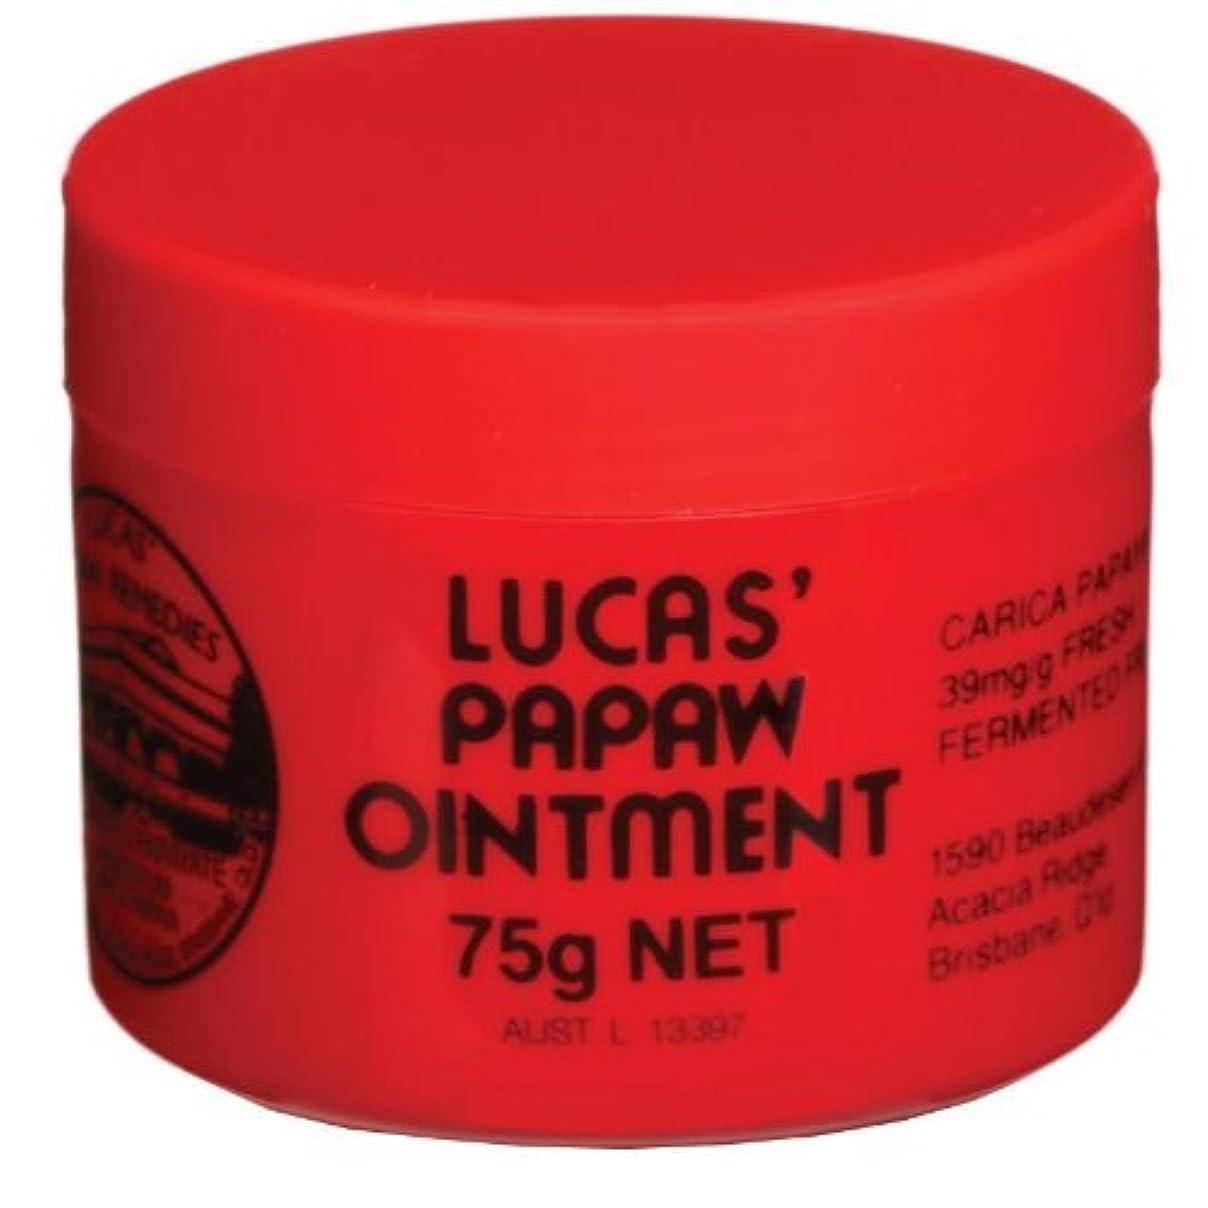 操作最大のスキッパー[Lucas' Papaw Ointment] ルーカスポーポークリーム 75g